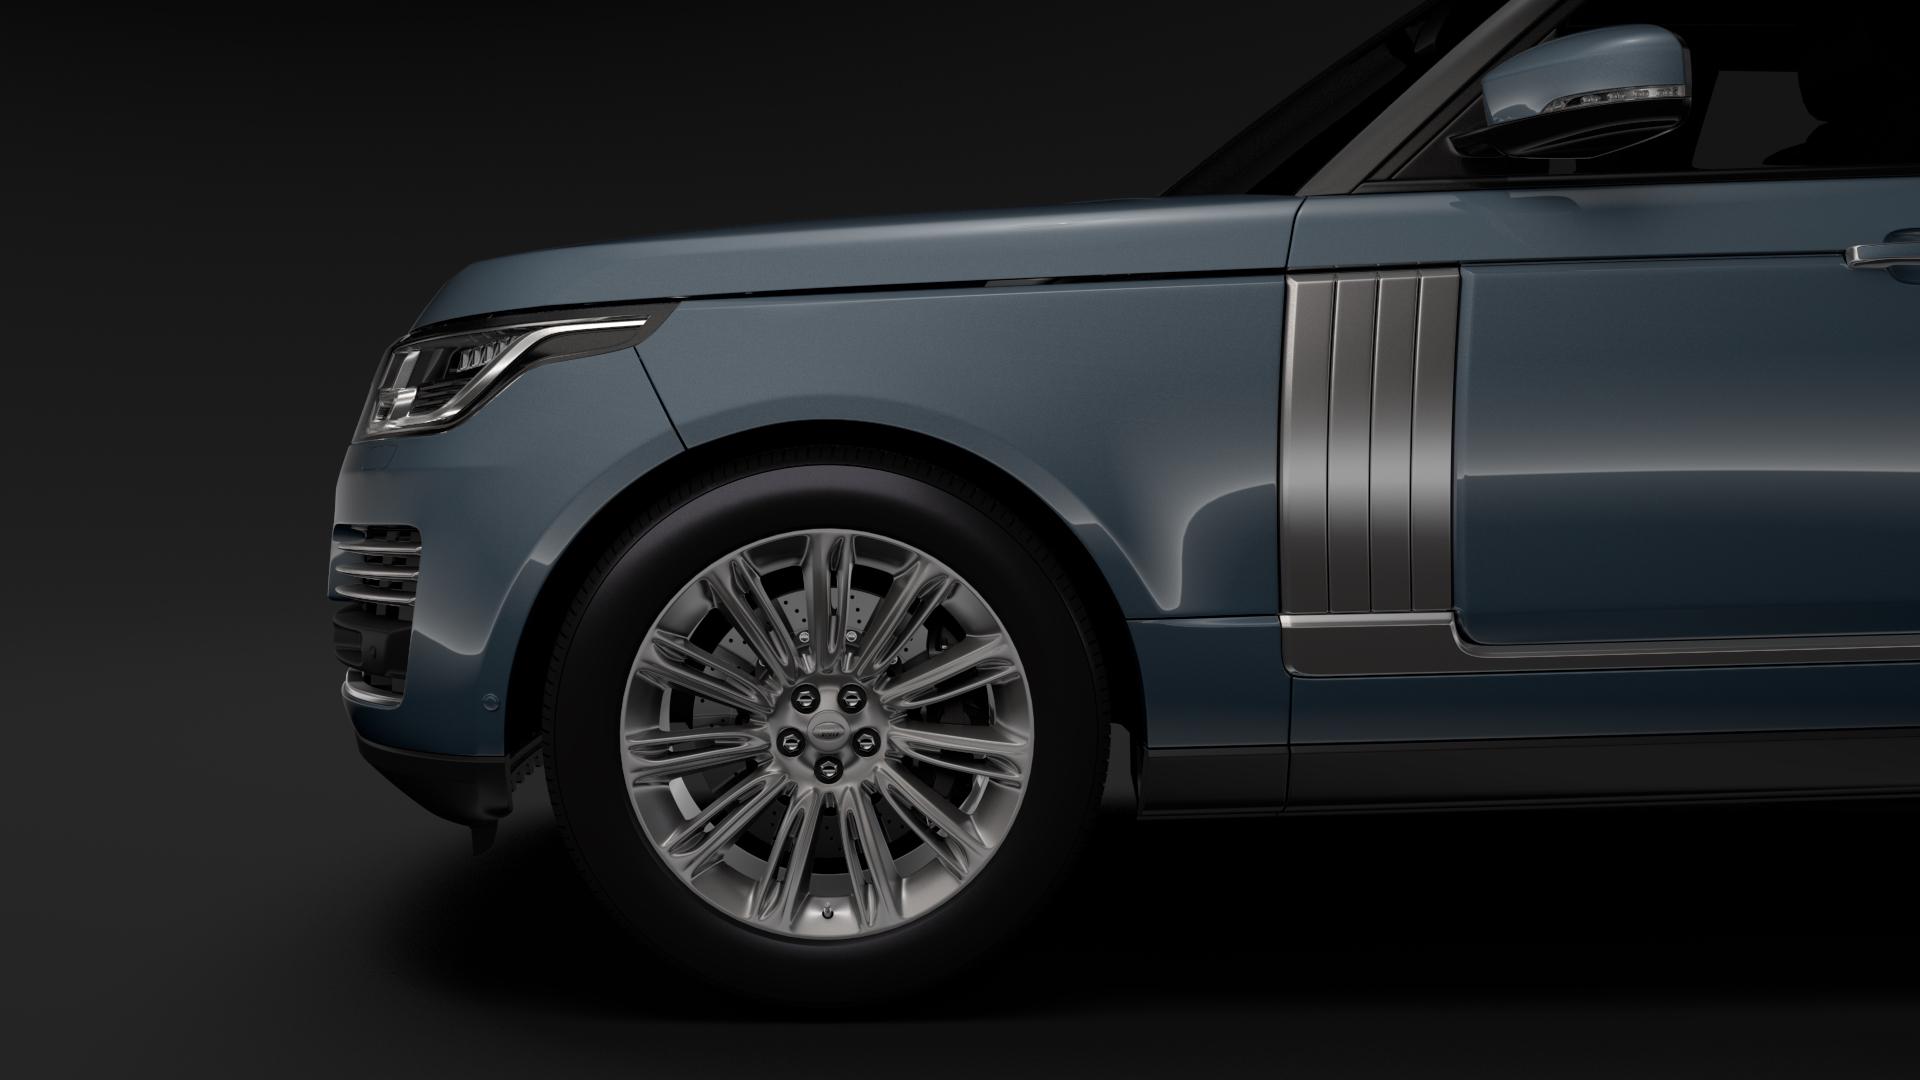 range rover autobiography (l405) 2018 3d model max fbx c4d lwo ma mb hrc xsi obj 278052